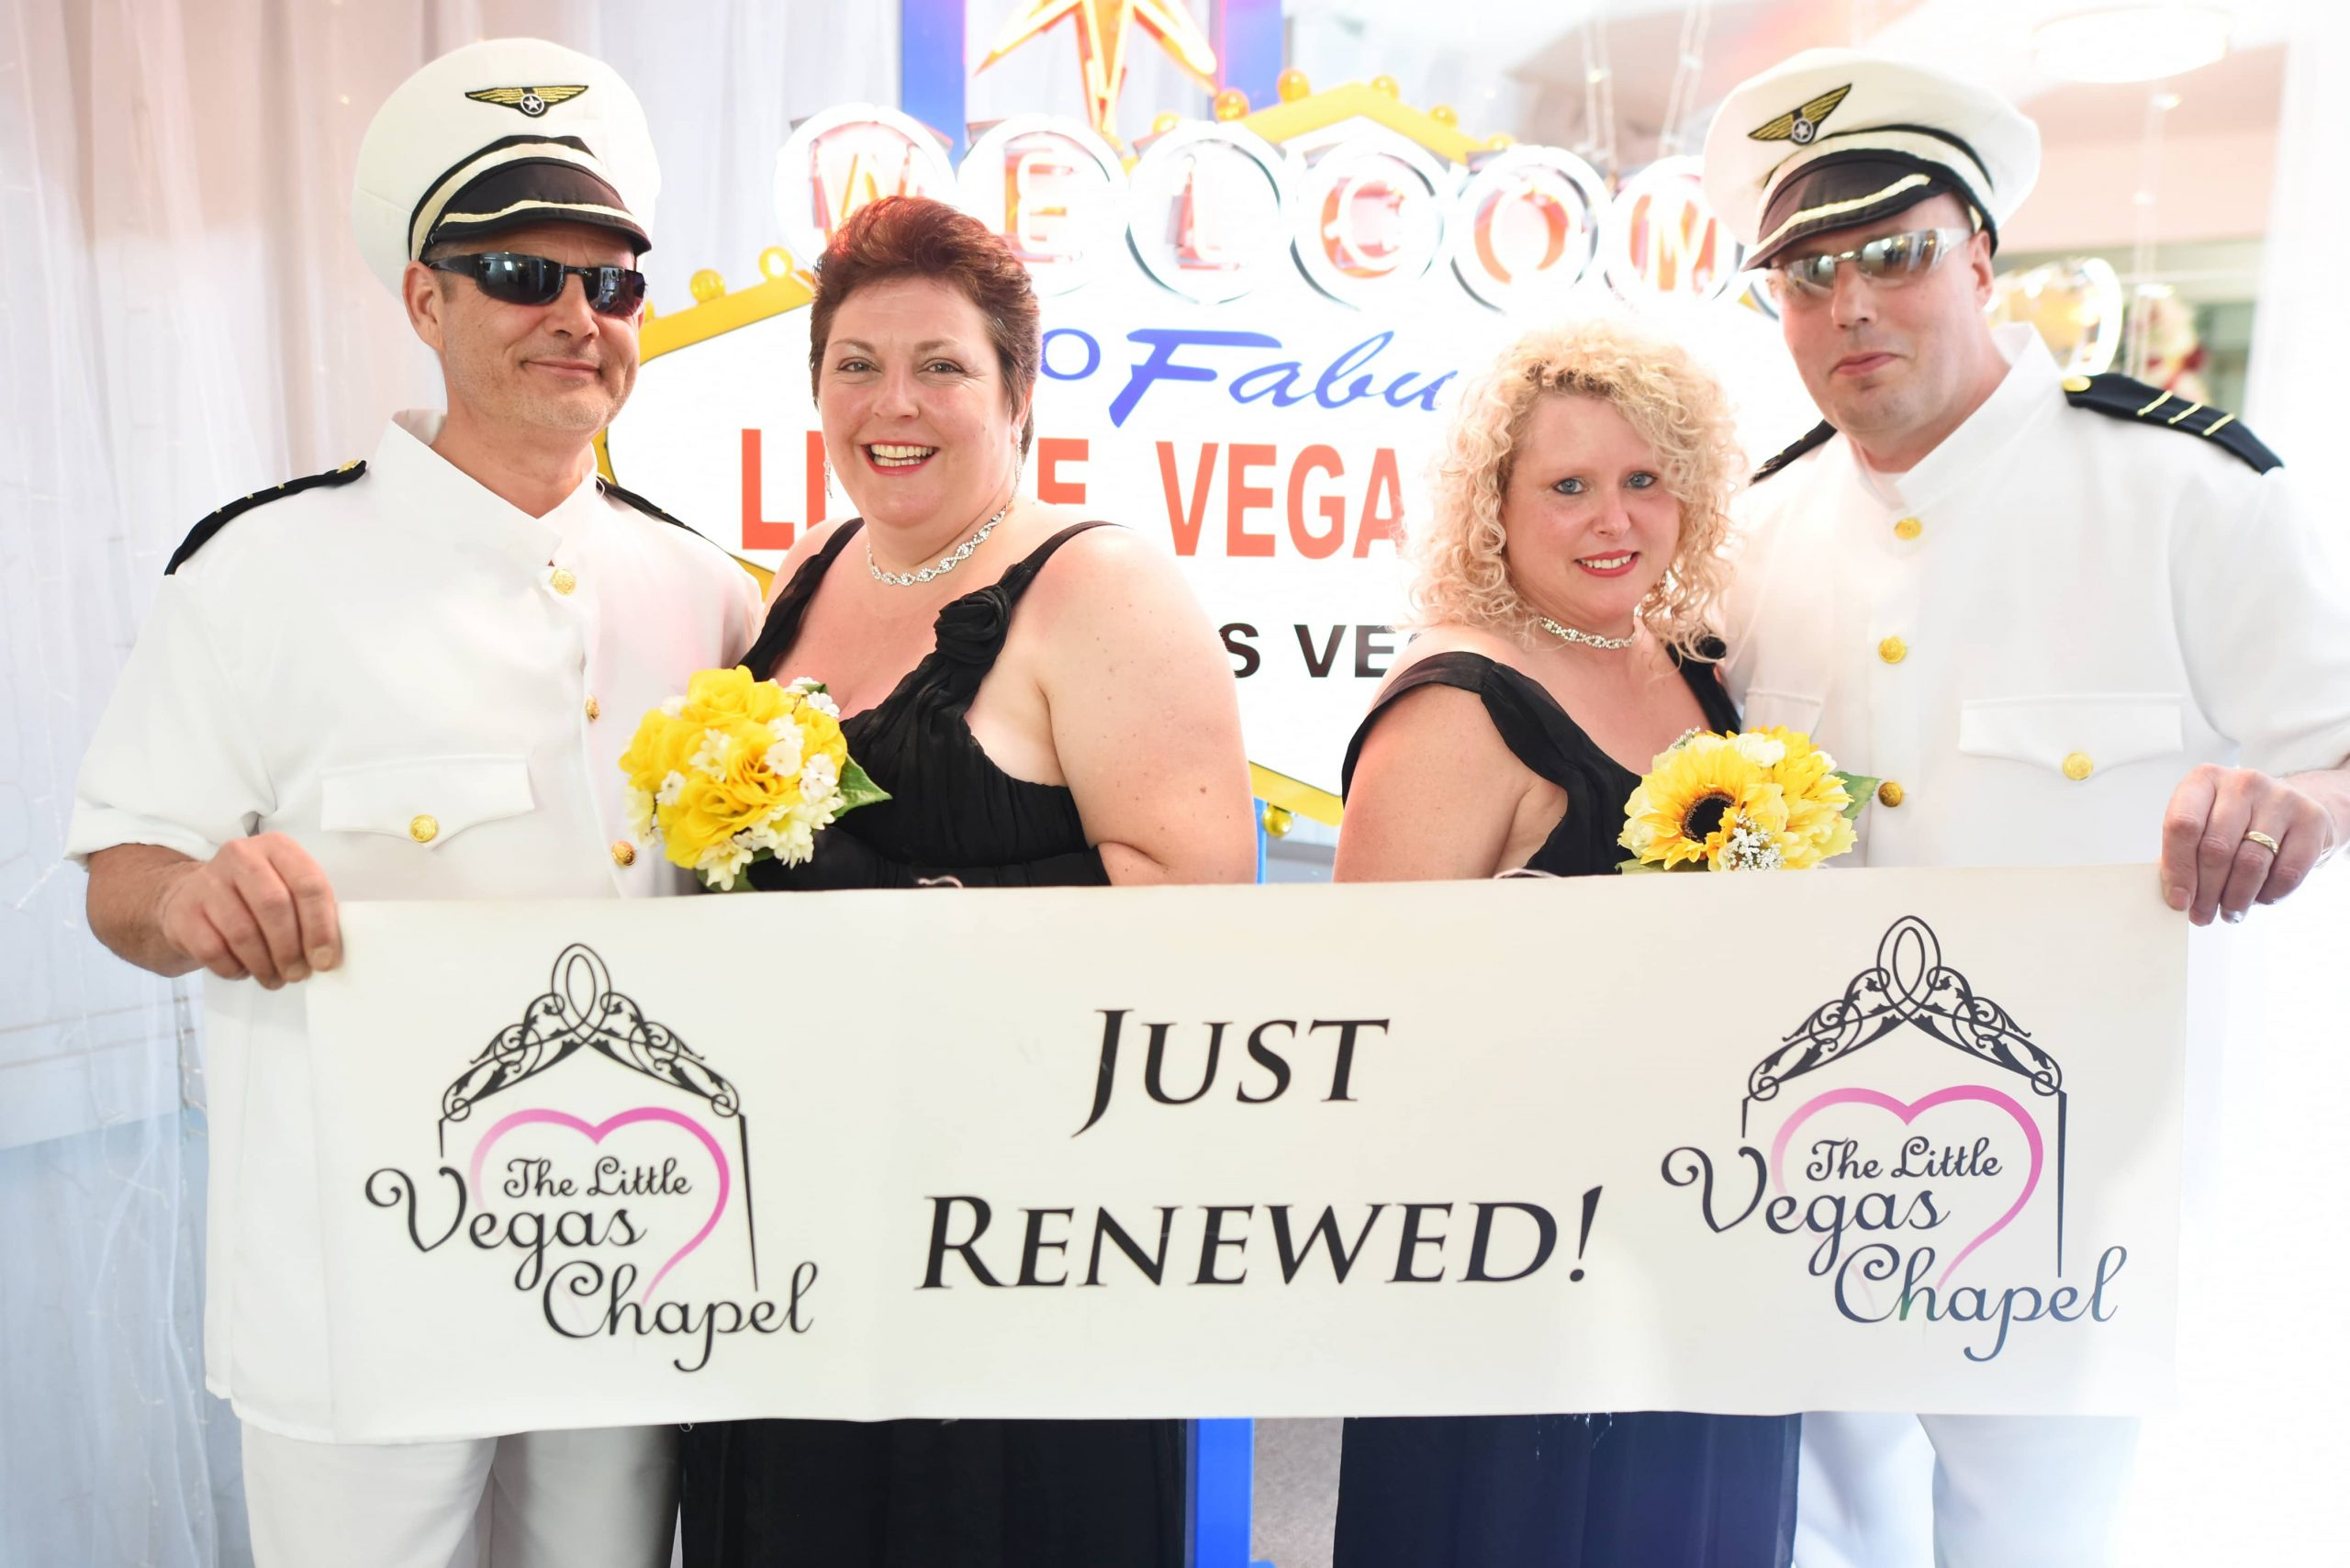 Renovação de votos Em Las Vegas